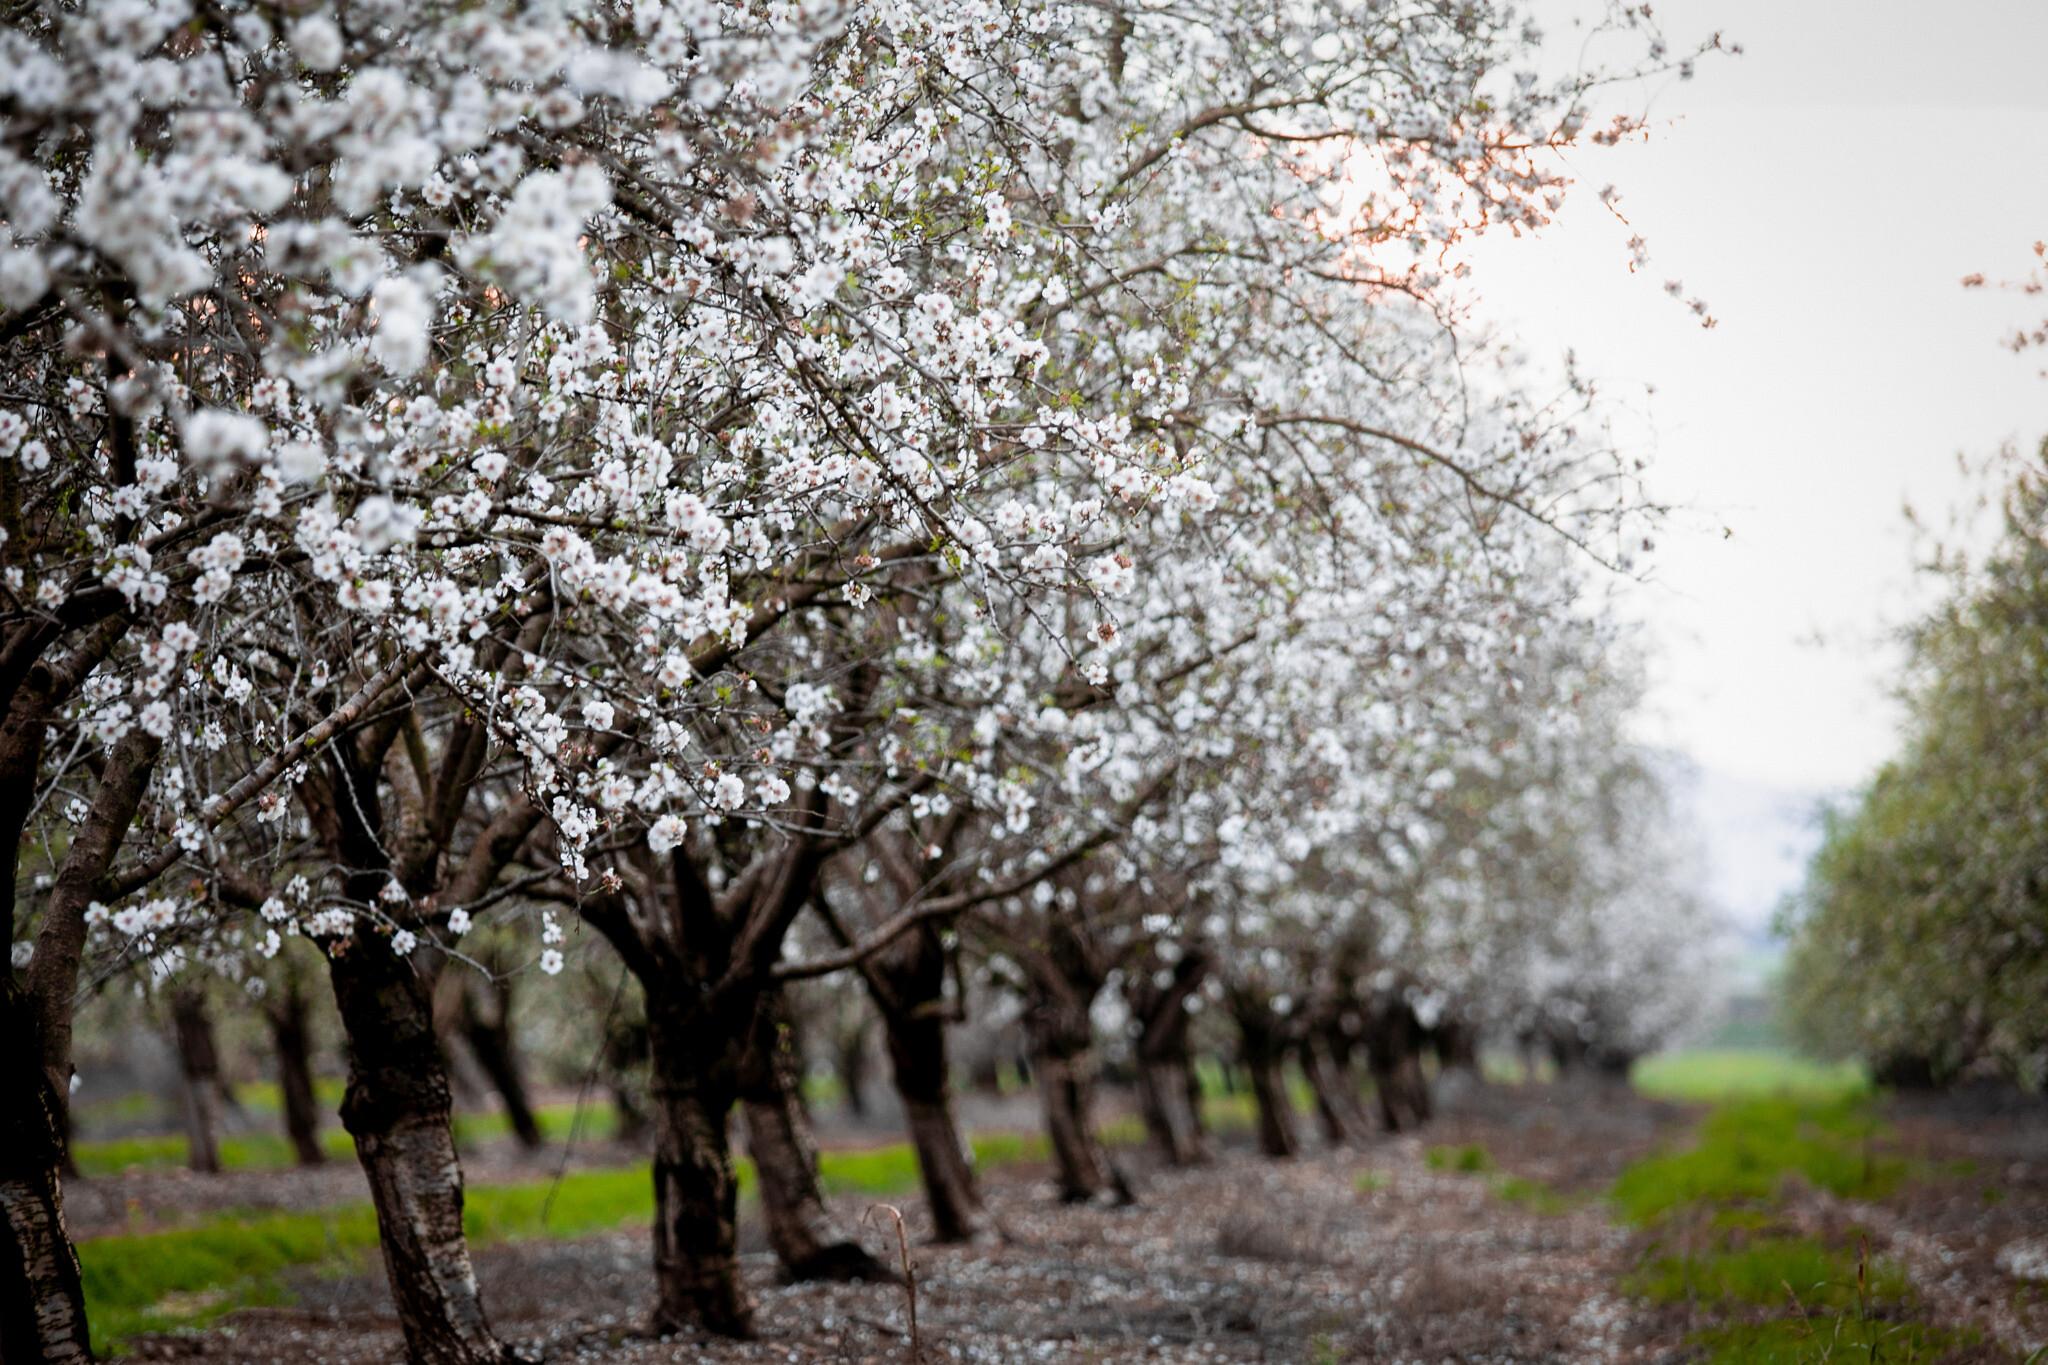 Amandiers en fleurs, le 21 février 2020. (Anat Hermony / FLASH90)